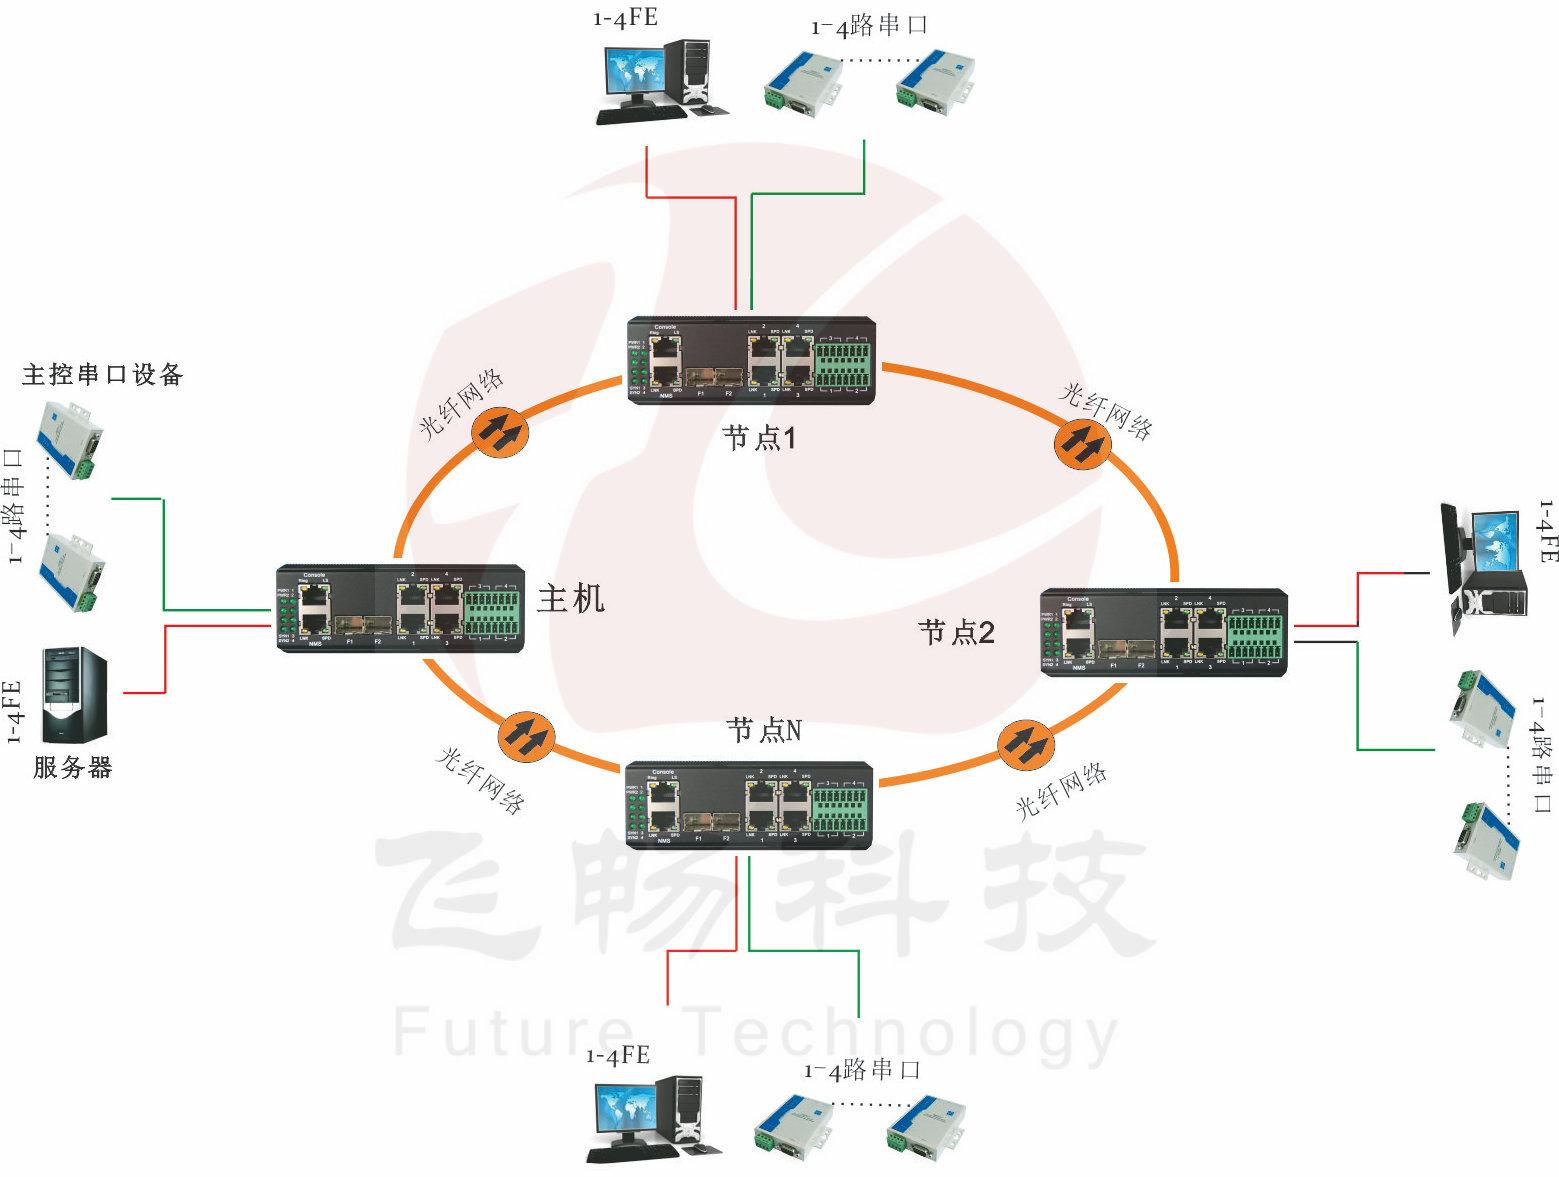 更复杂的网络拓扑结构